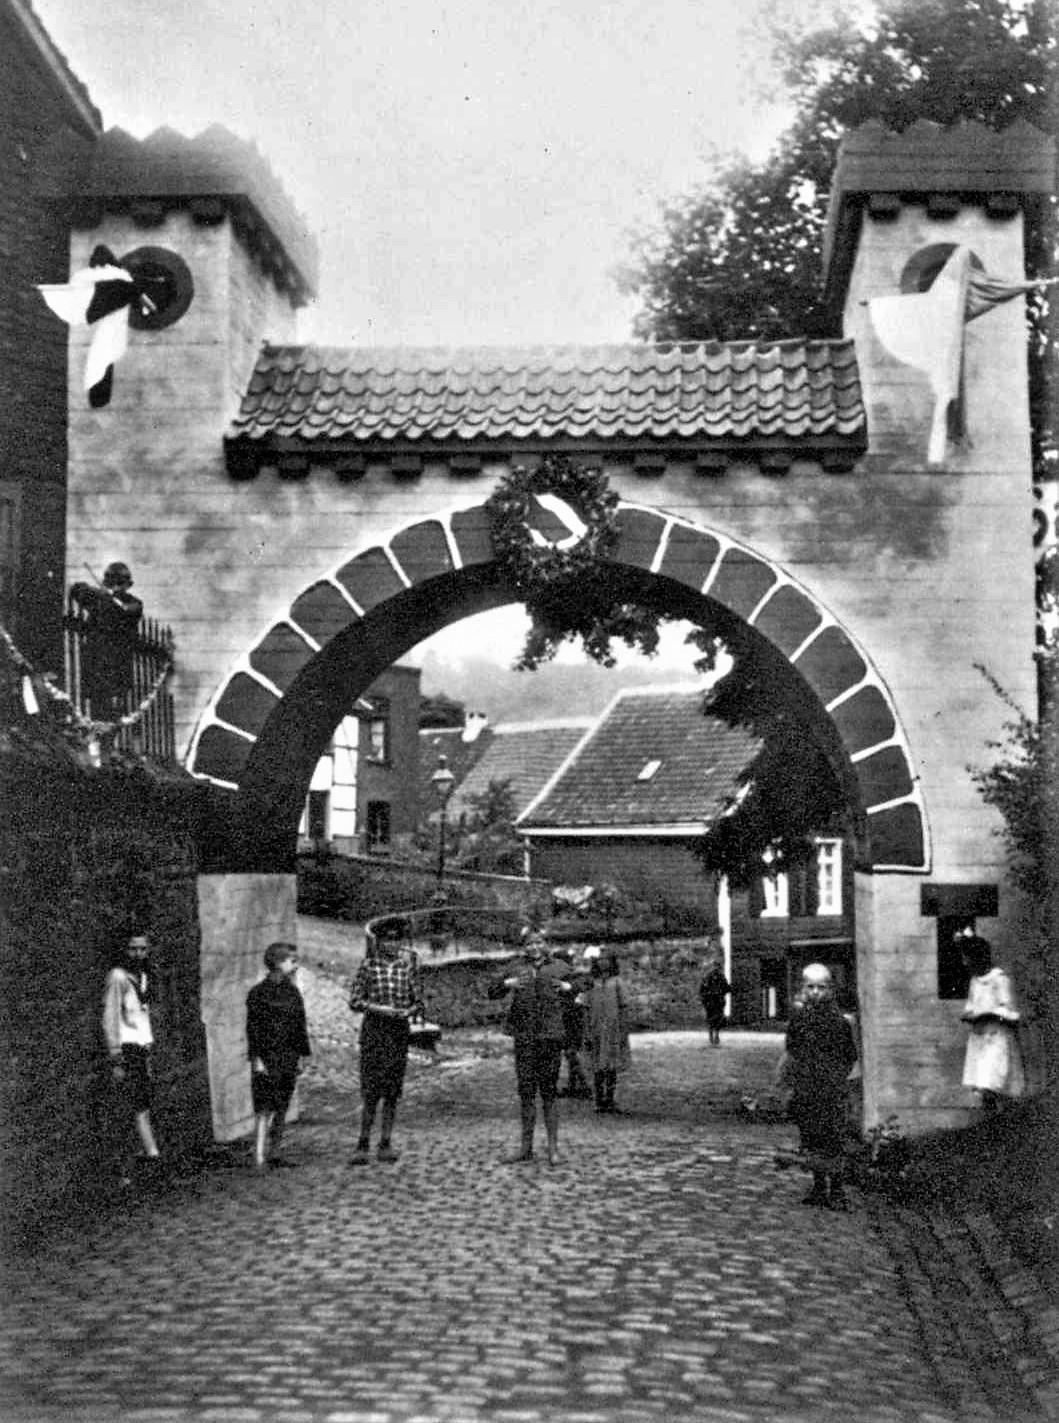 1924: Torbogen zum Heimatfest